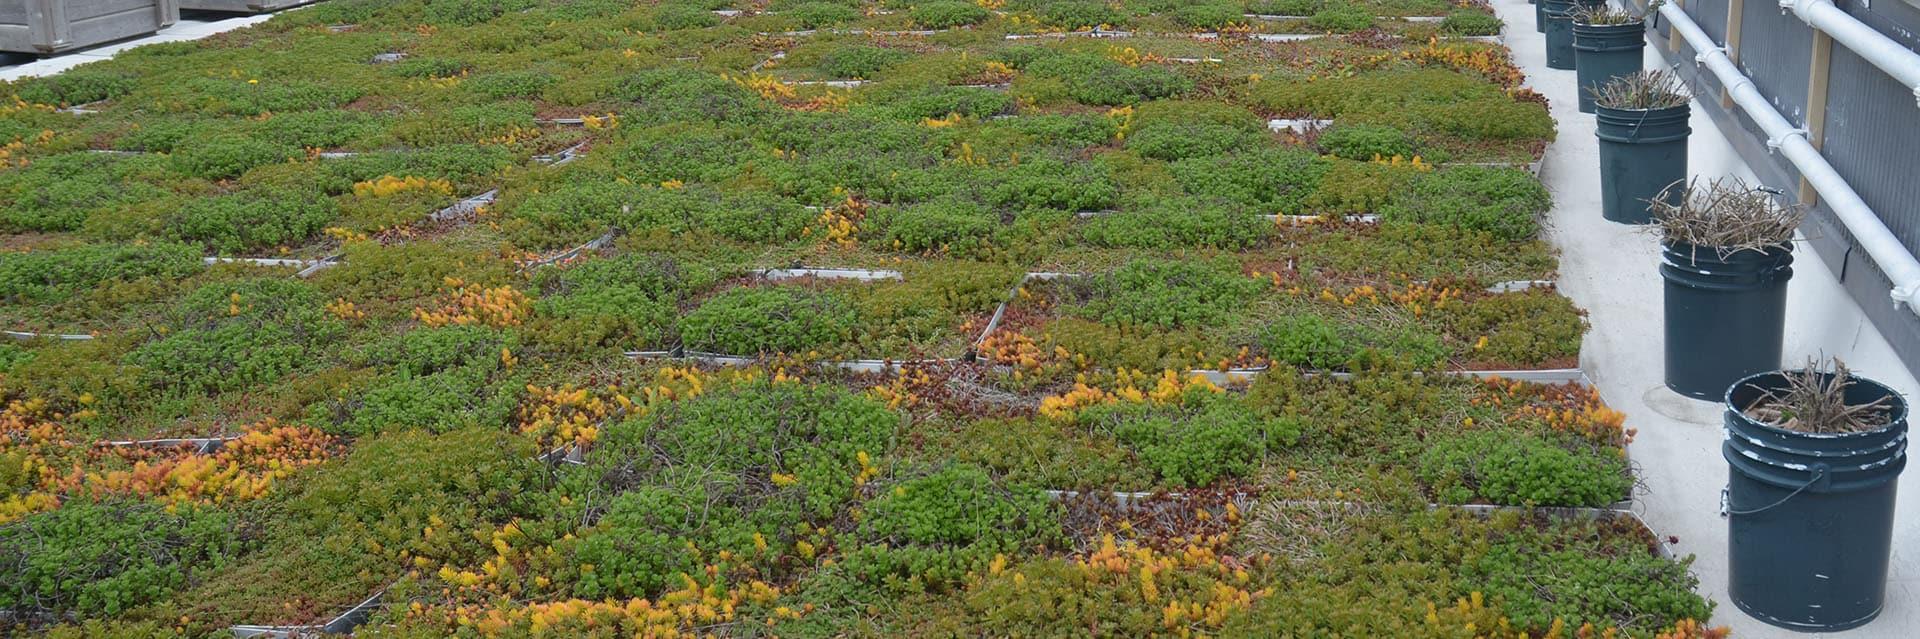 Cum alegi vegetatia pentru acoperis terasa verde